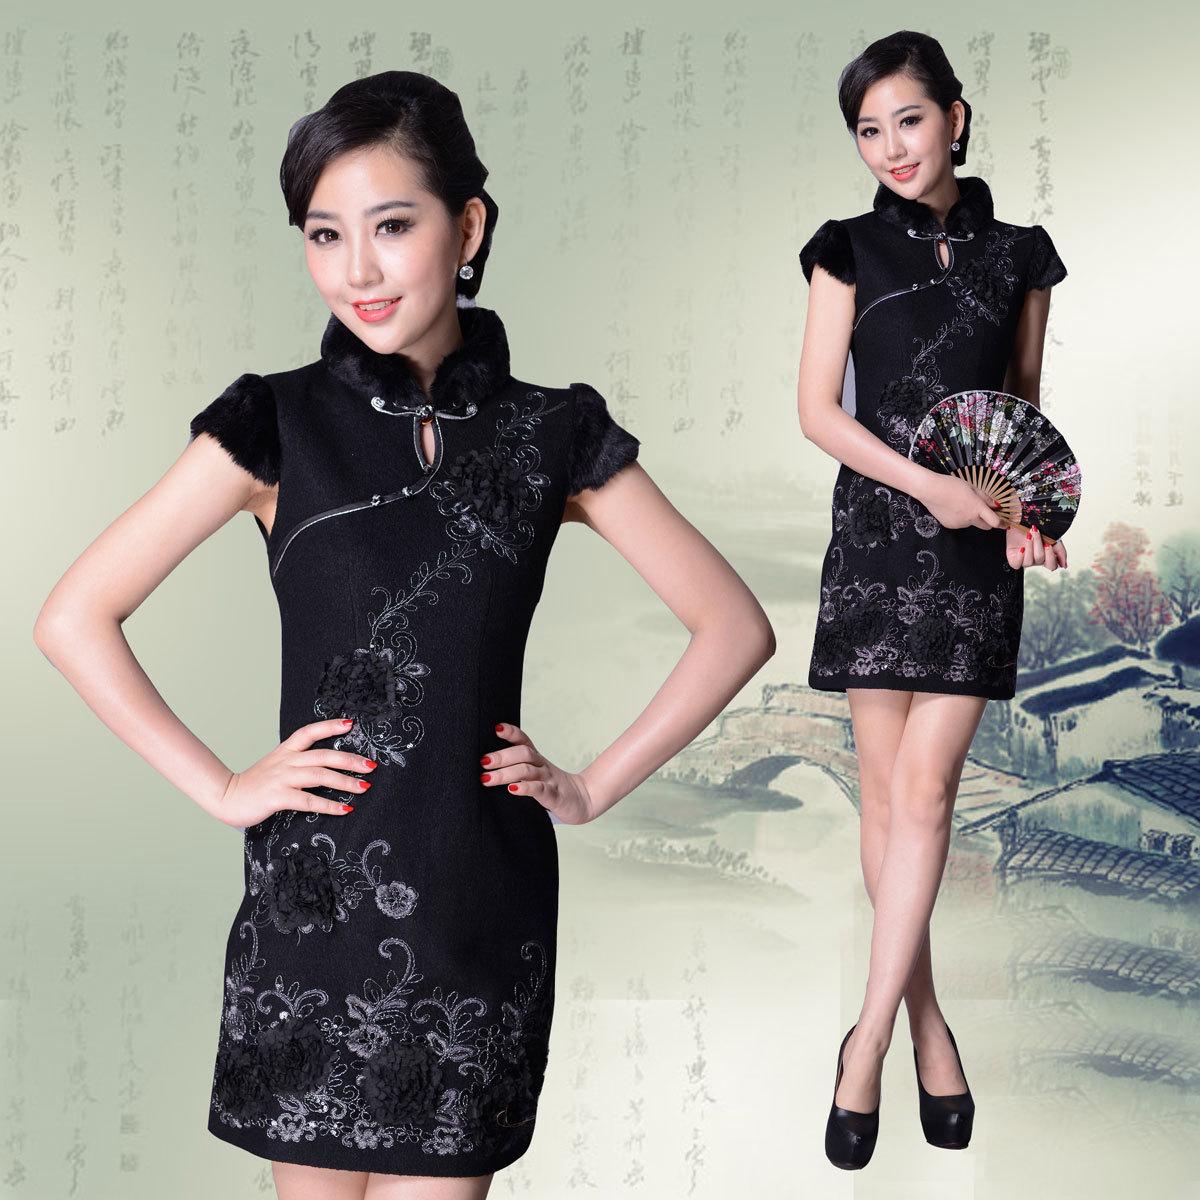 旗袍 冬 高档黑色刺绣旗袍裙 毛呢绣花晚宴礼服 中式改良时尚日常